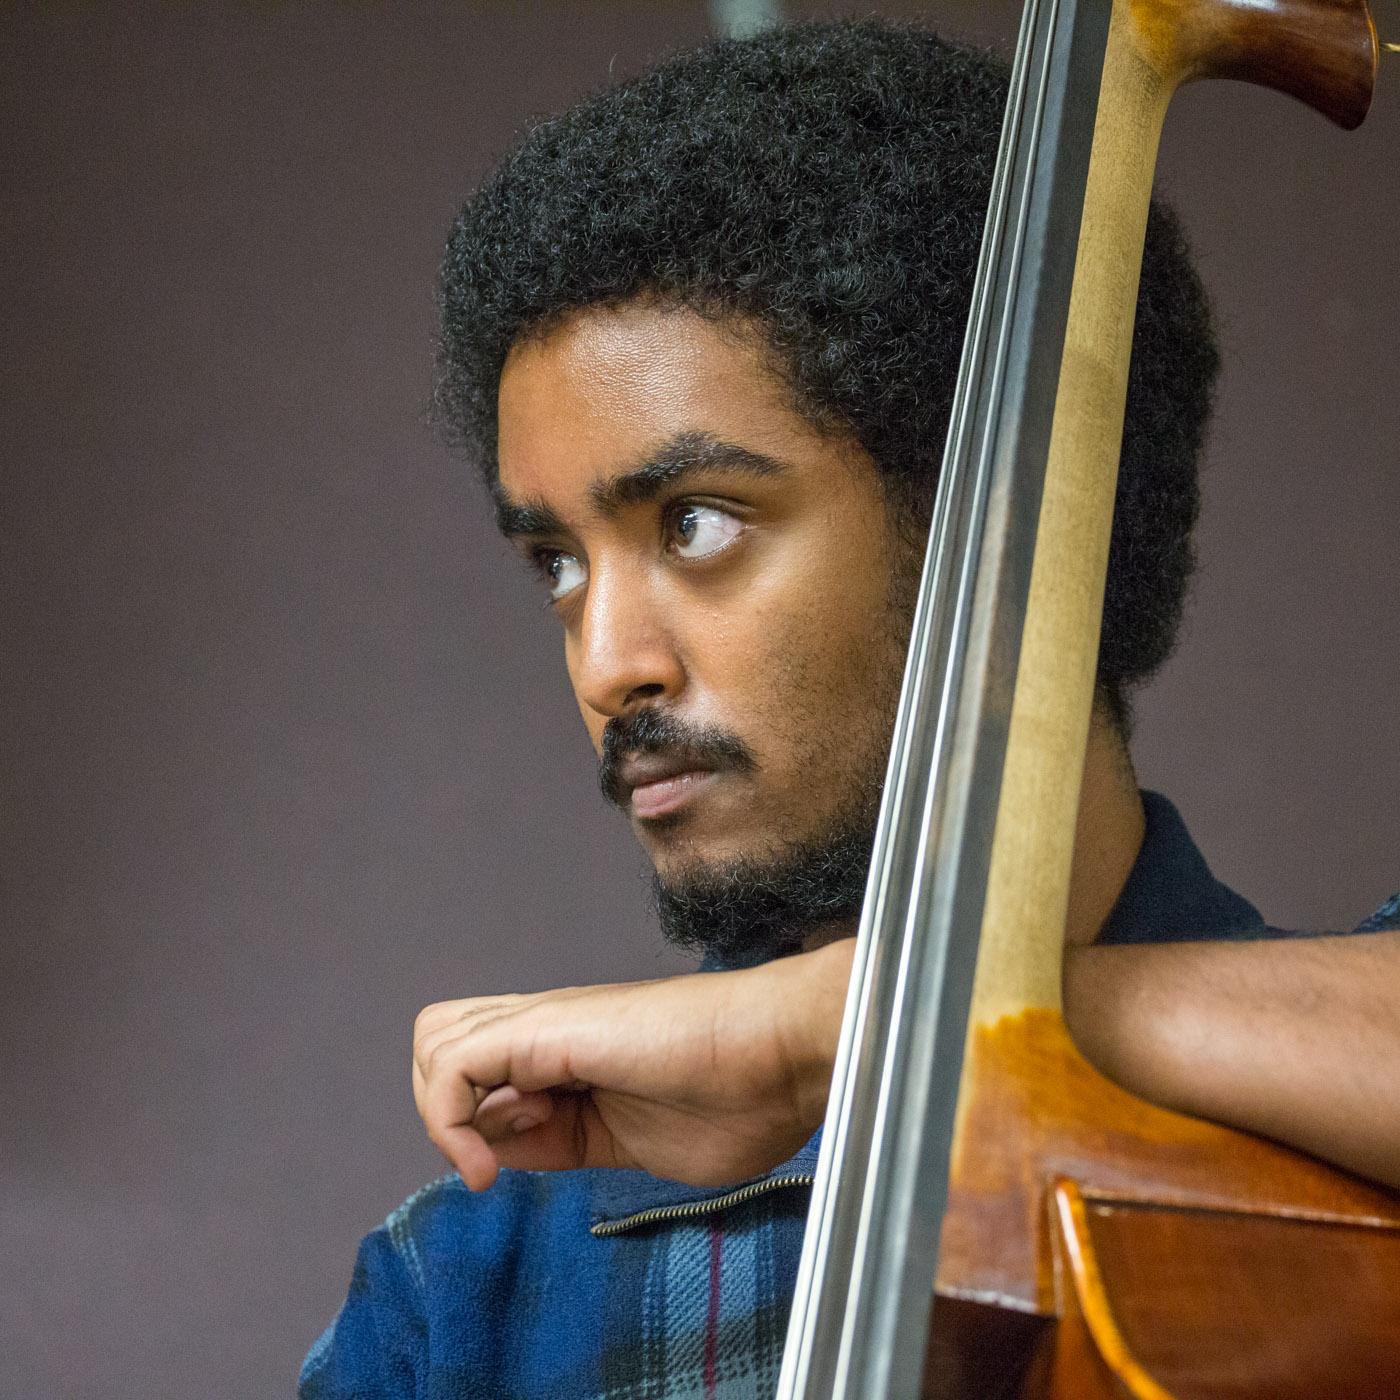 jazz musician at MIT